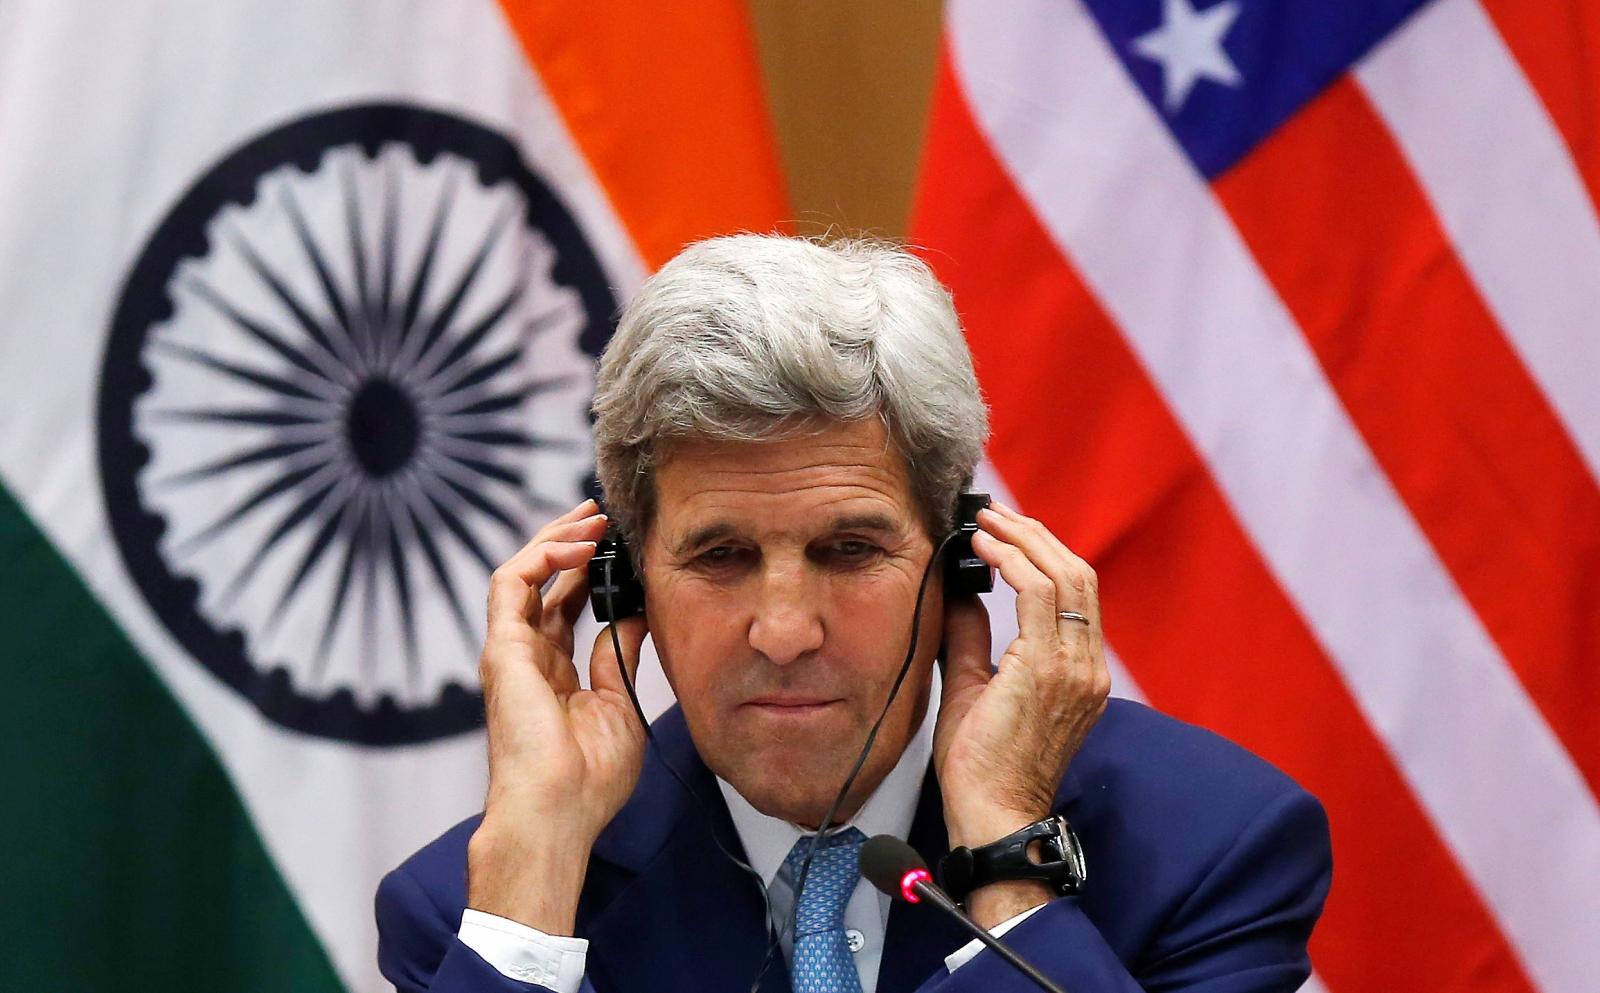 John Kerry in India